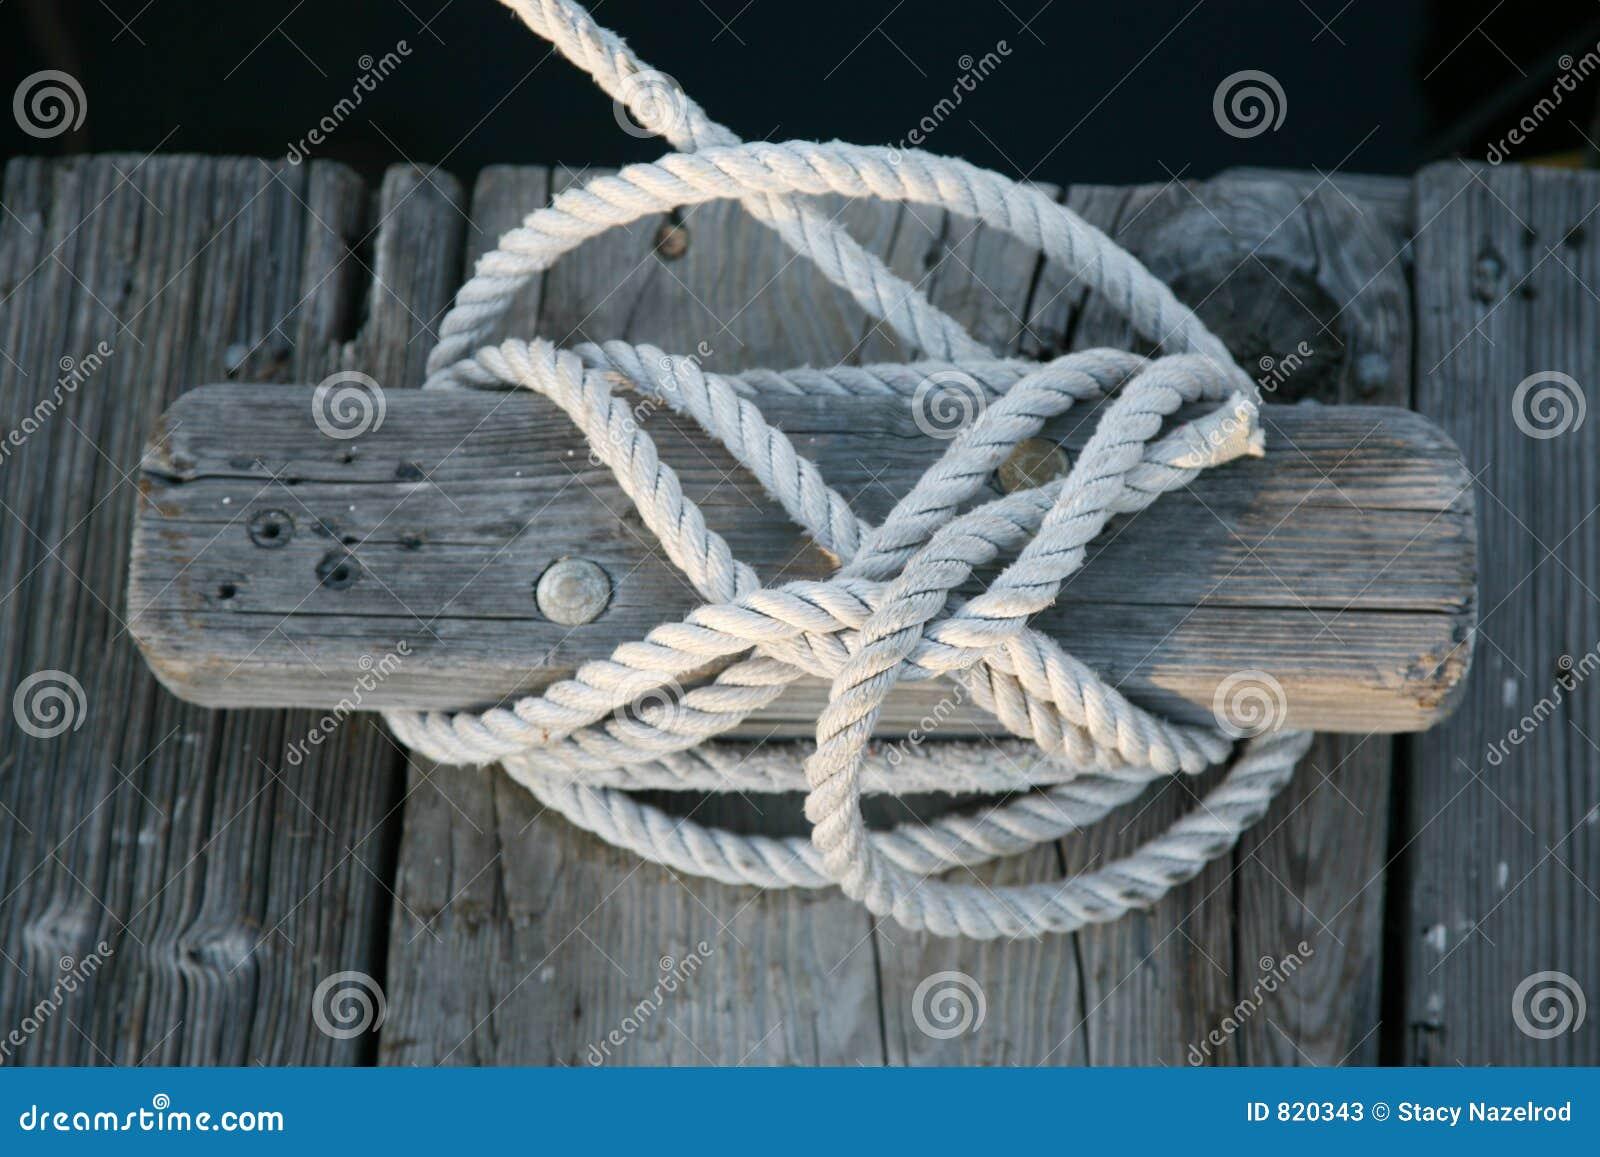 Cuerda de barco atada a la grapa